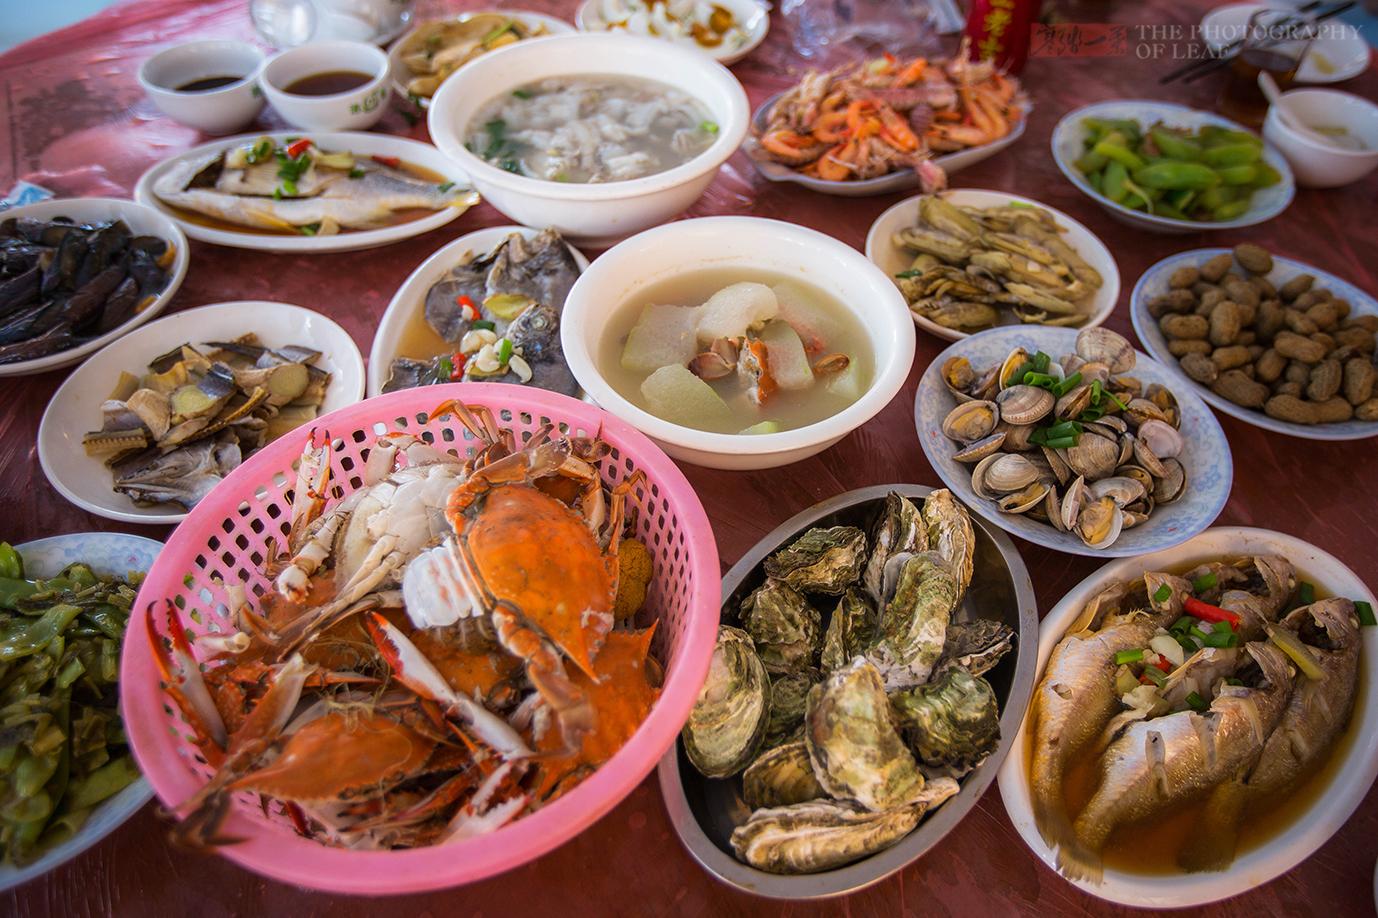 第一次出海捕鱼,捞上来的海鲜烧了满满一桌,看看值多少钱?